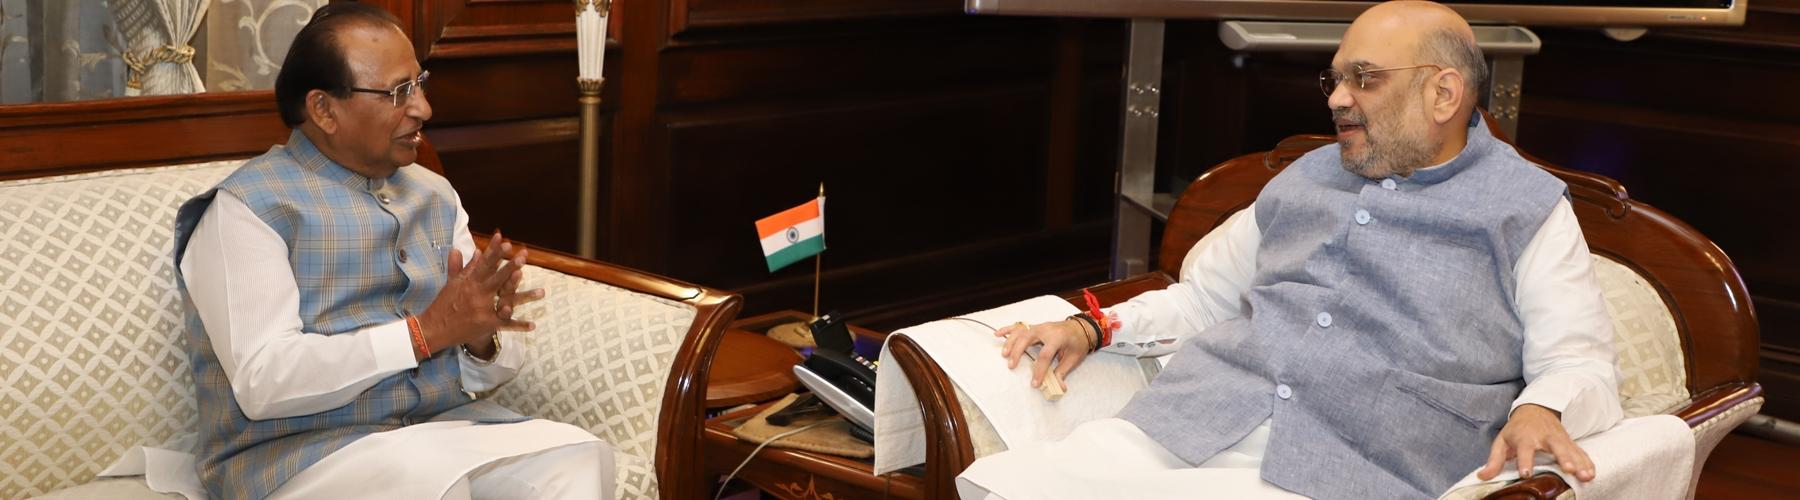 असम के राज्यपाल श्री जगदीश मुखी दिनांक 14 जून, 2019 को नई दिल्ली में केंद्रीय गृह मंत्री श्री अमित शाह से मुलाकात करते हुए